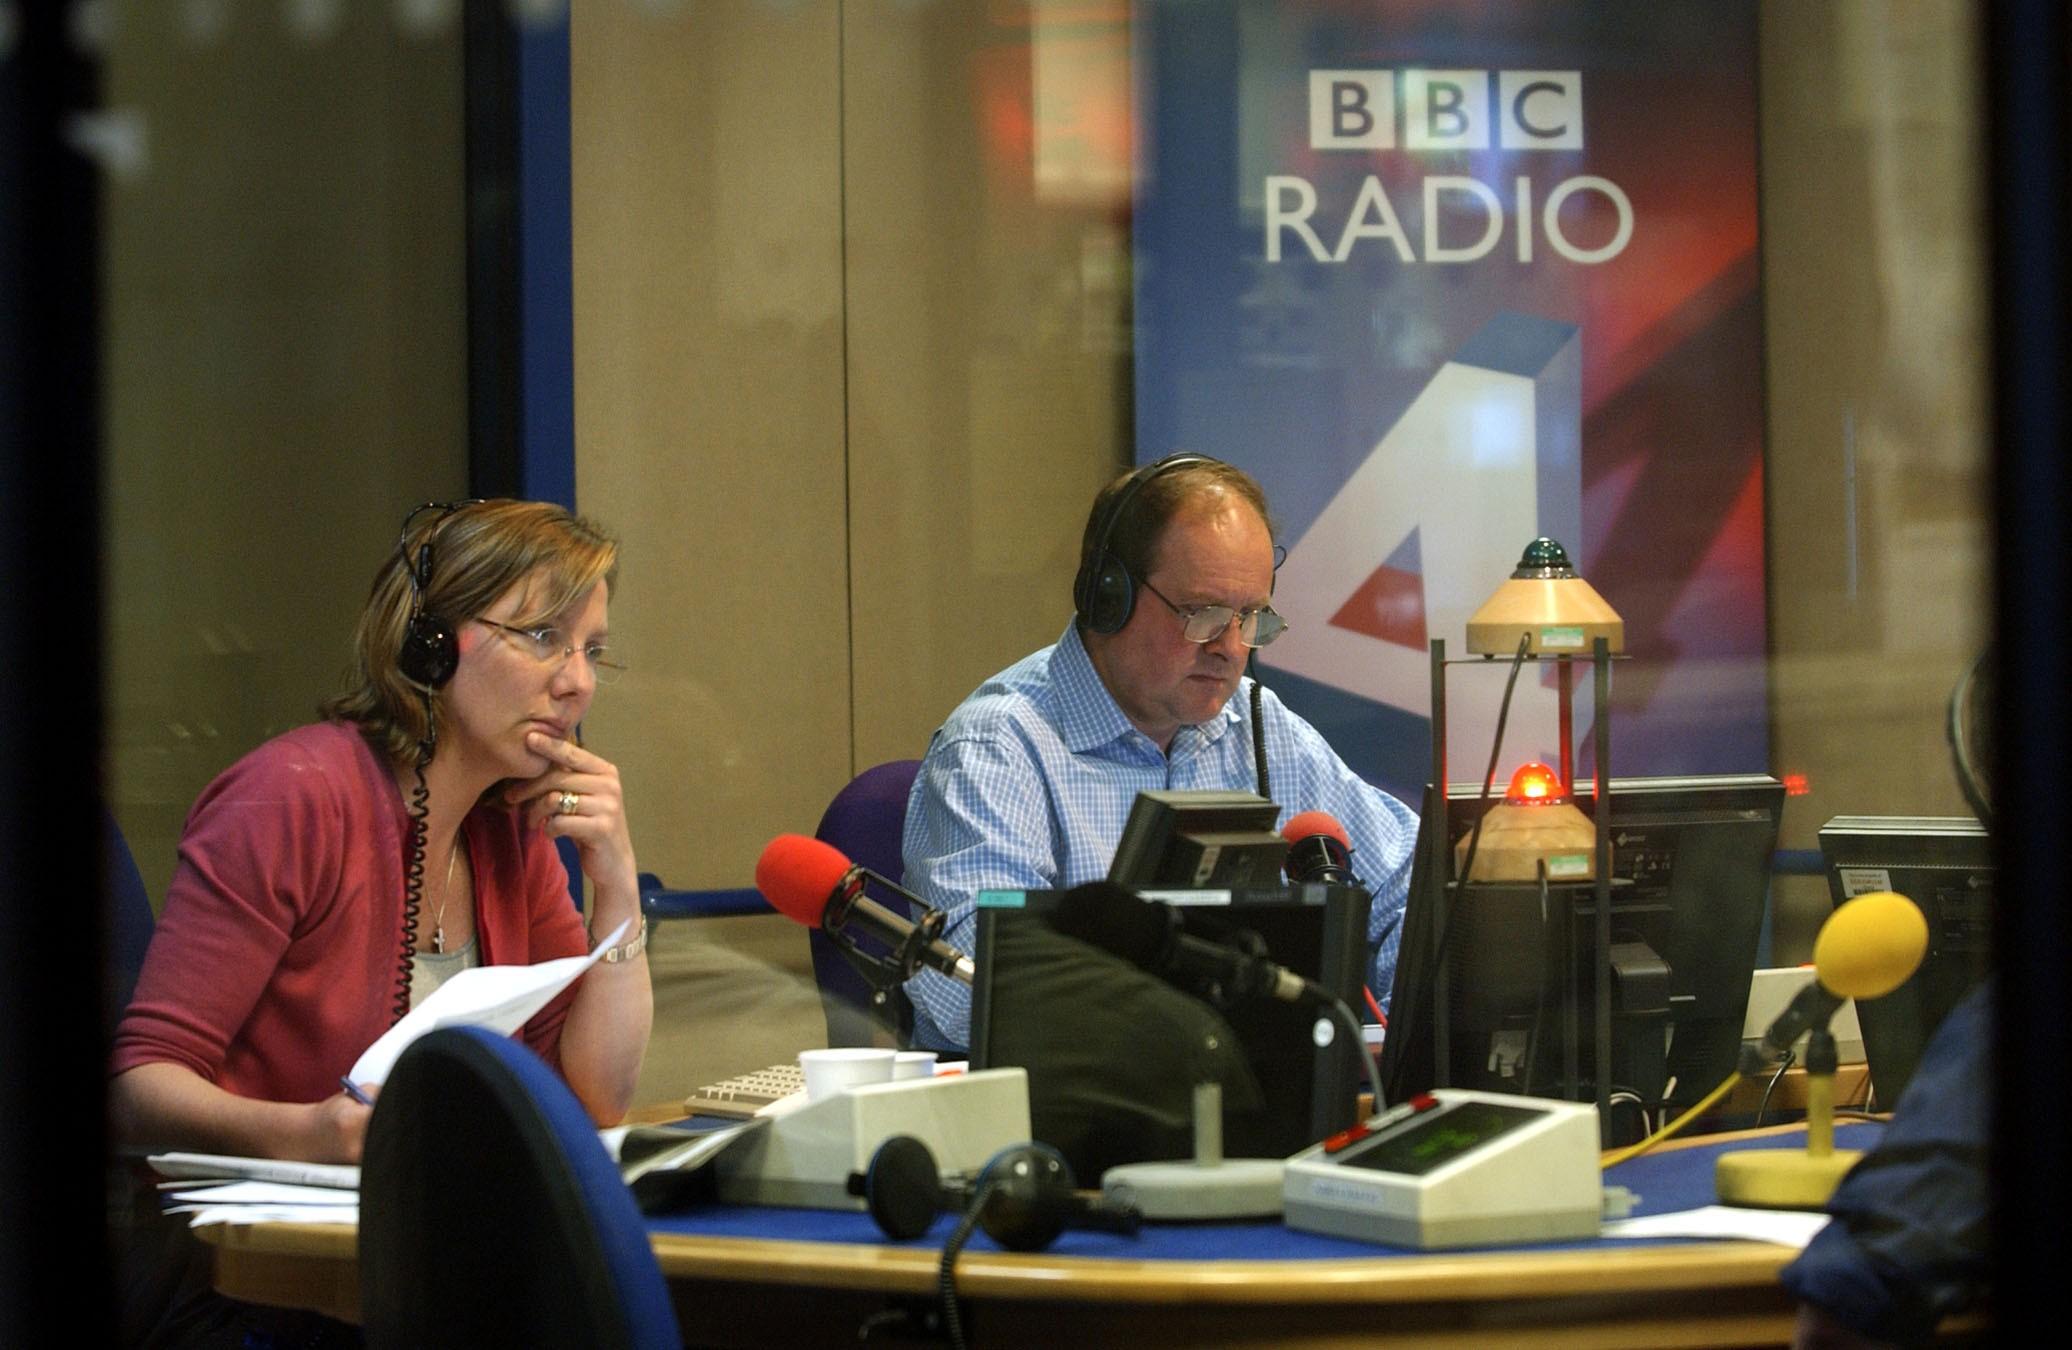 BBCのTODAYが50周年_c0016826_21155738.jpg